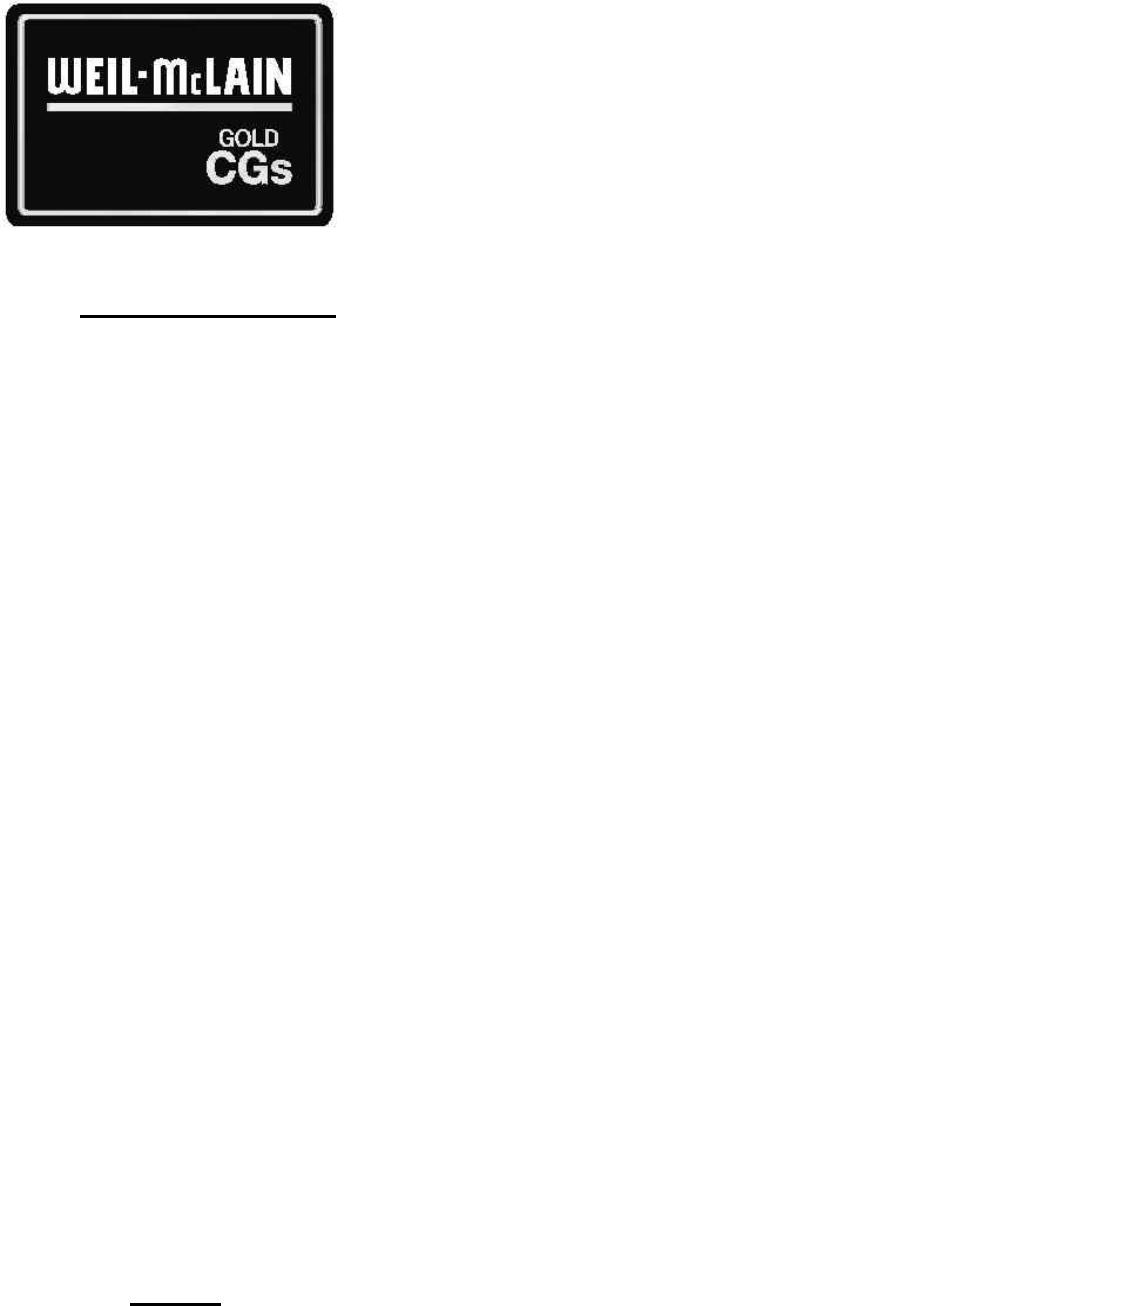 Fantastisch Weil Mclain Logo Fotos - Schaltplan Serie Circuit ...